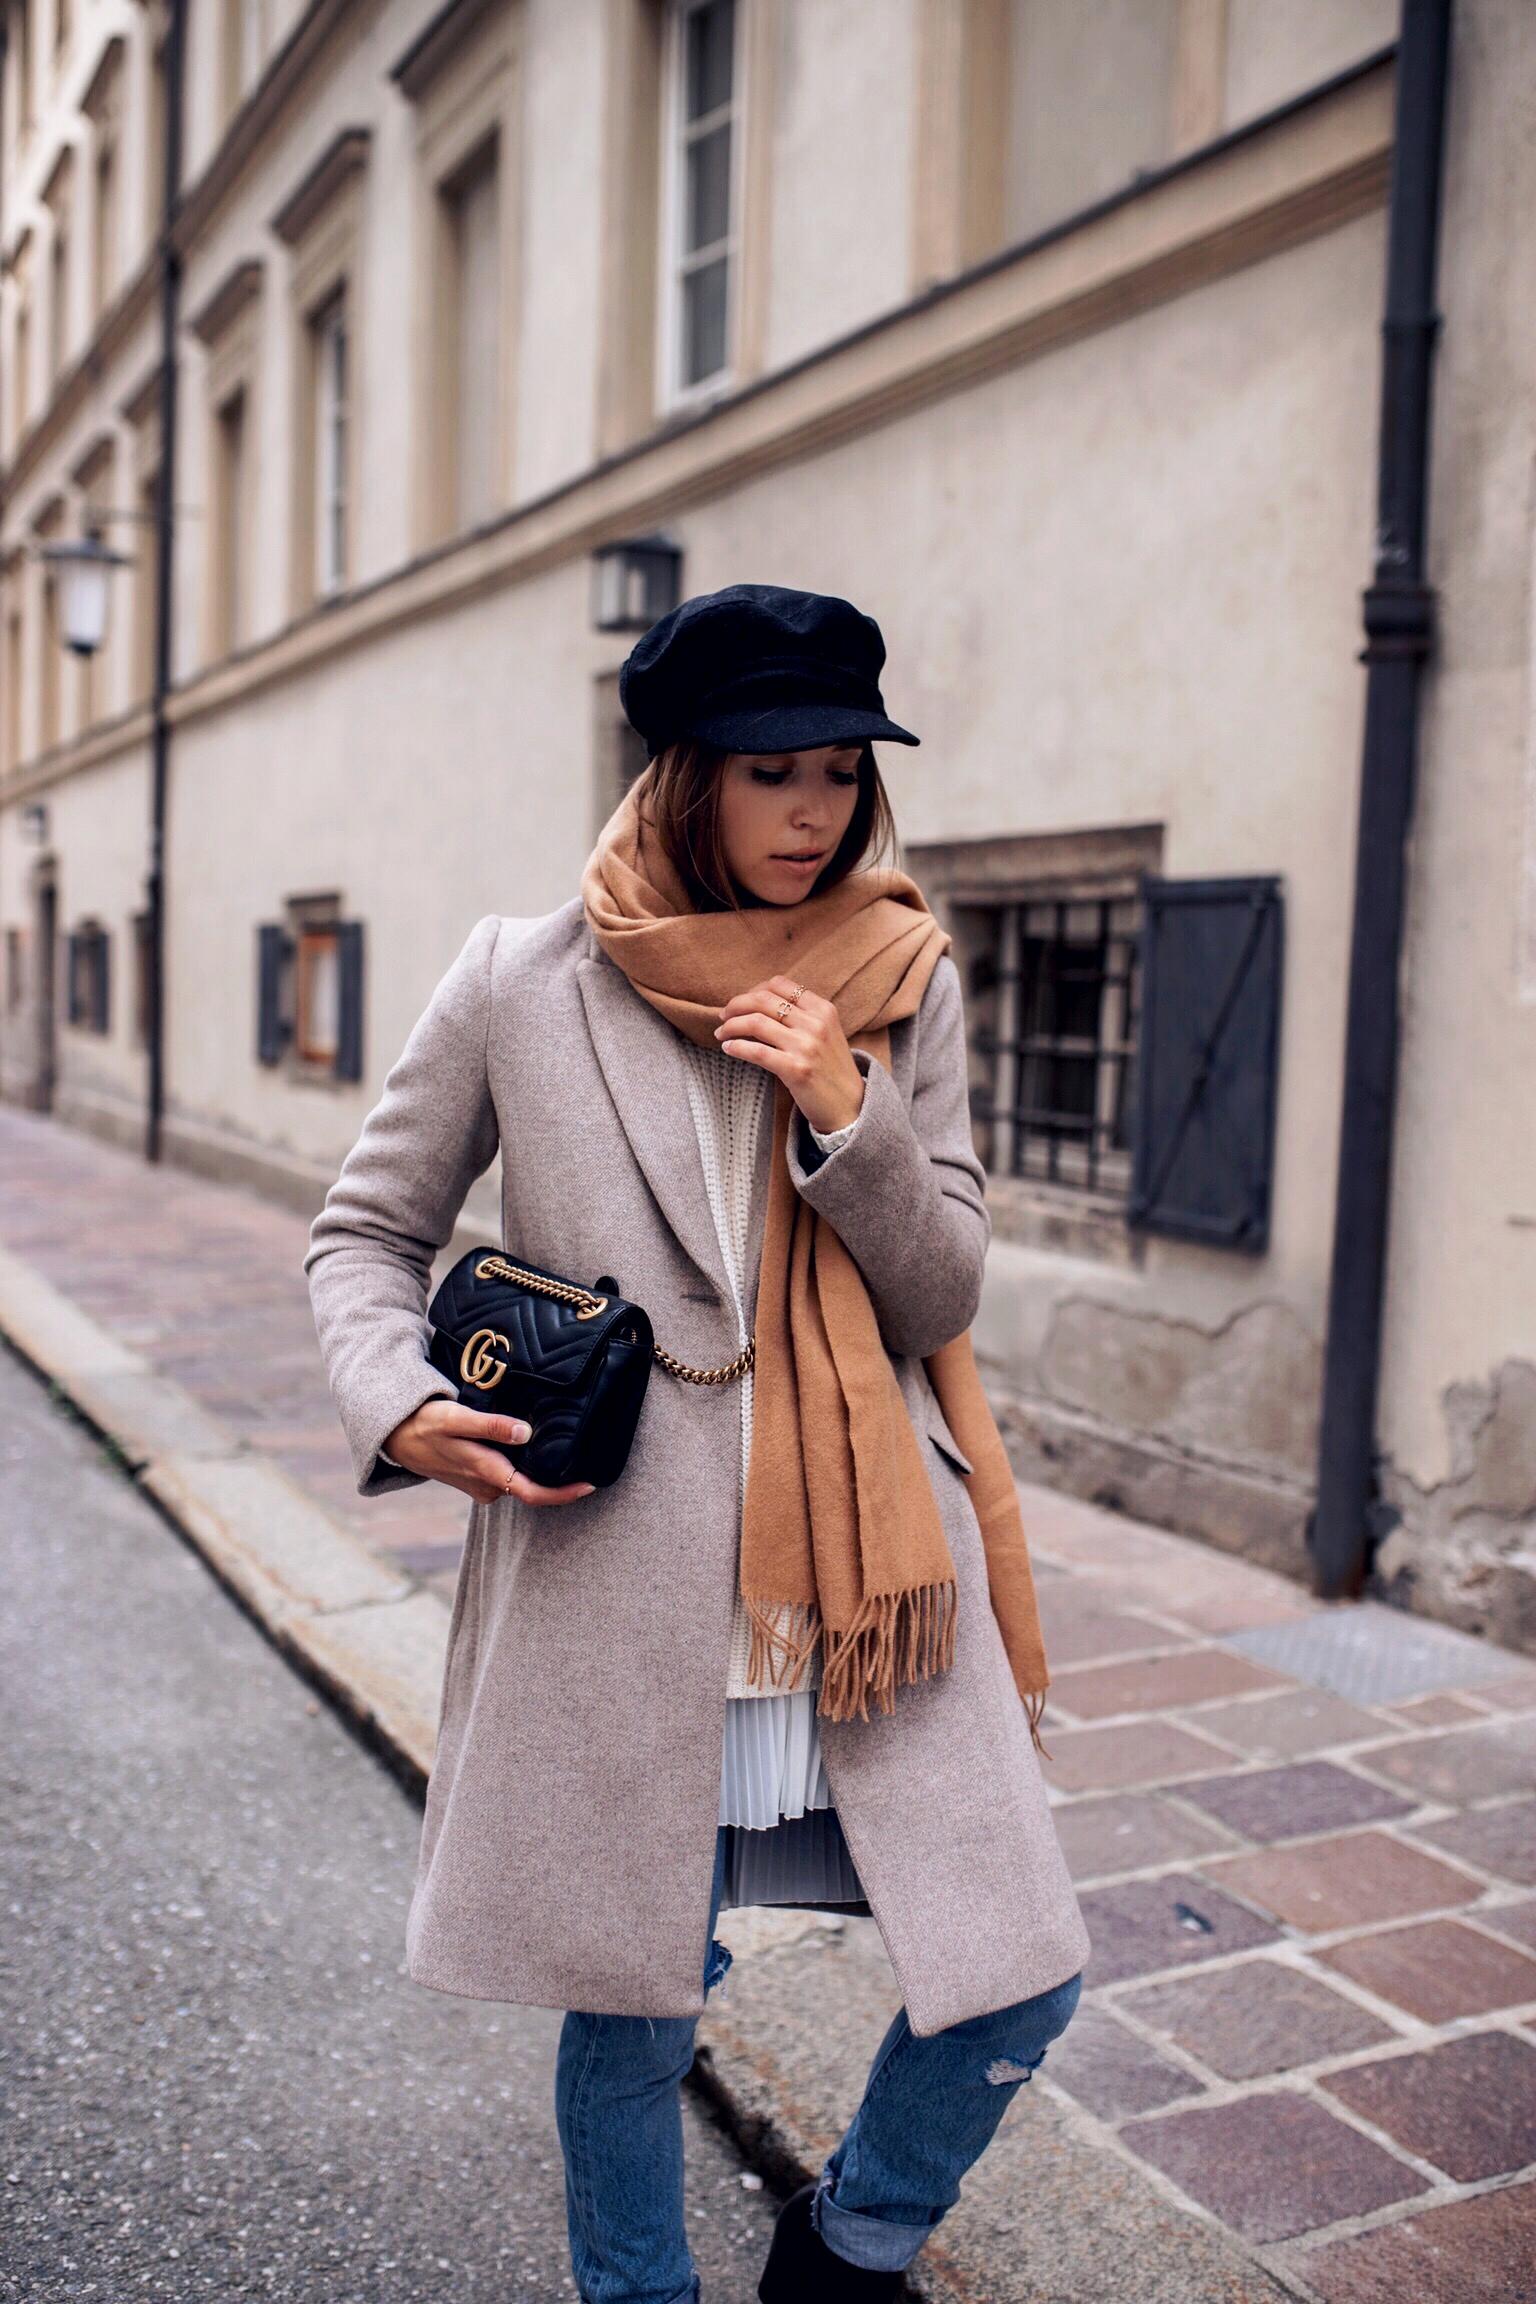 Herbst Outfit mit grauem Mantel, schal und Strickpullover